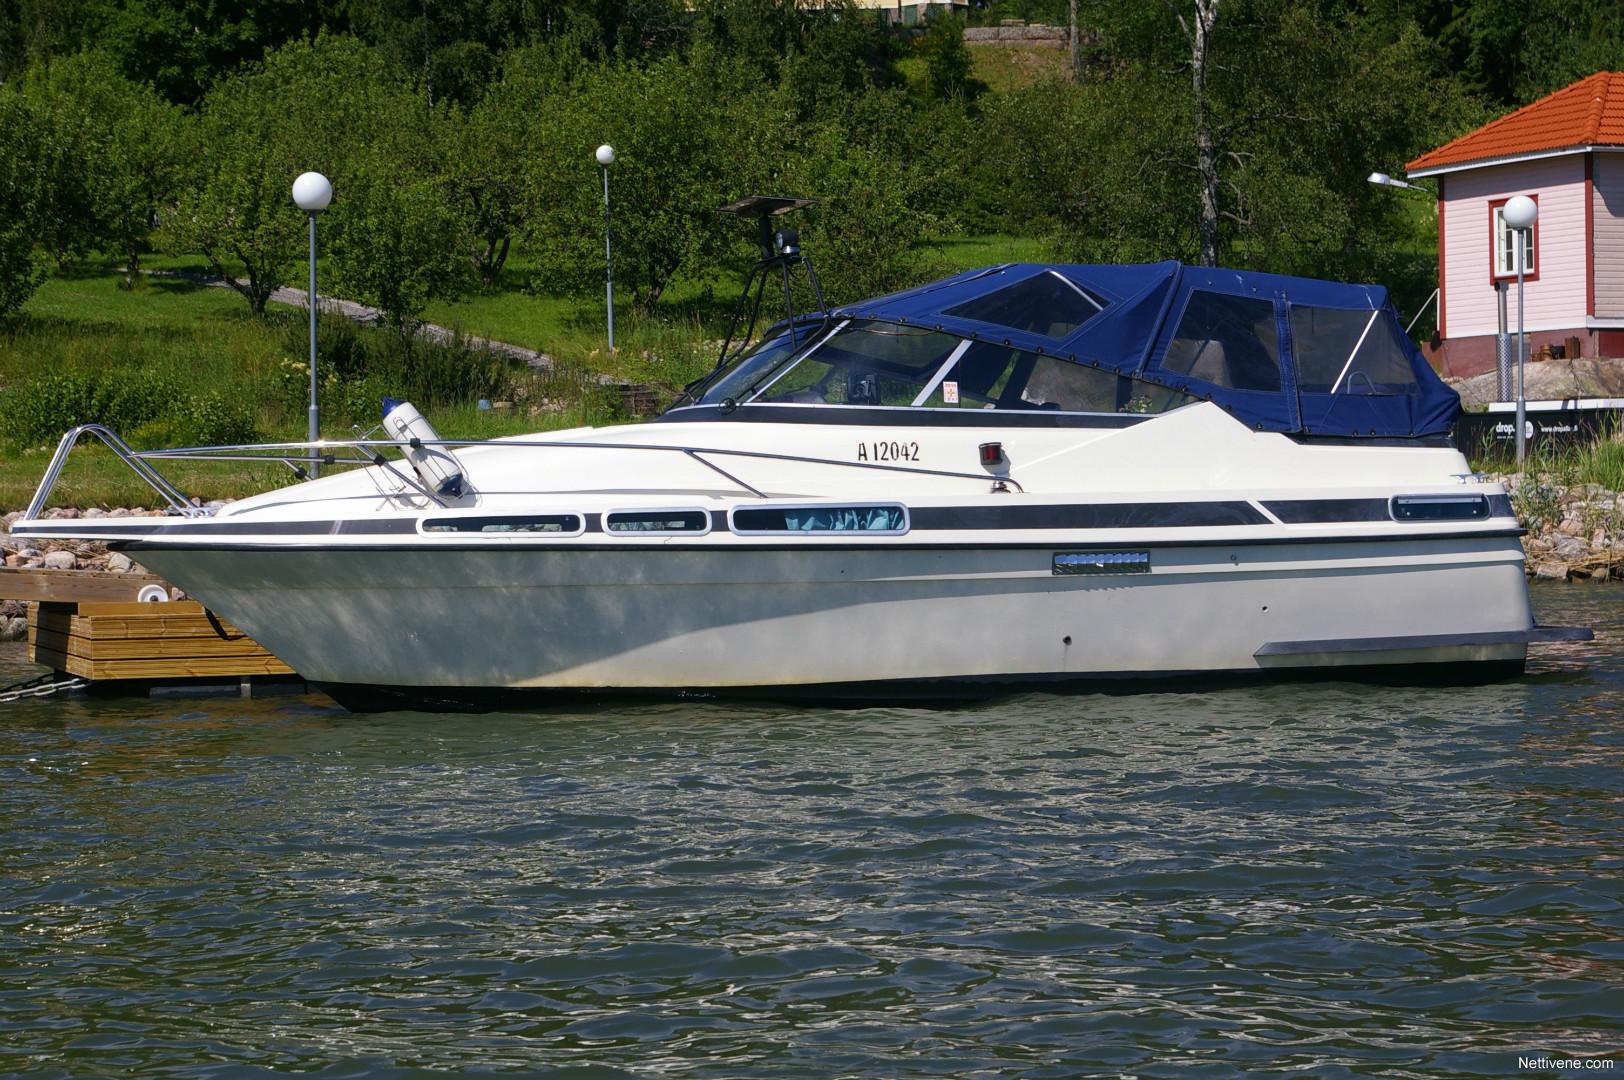 Scand 7800 Nautic Motor Boat 1987 Kaarina Nettivene